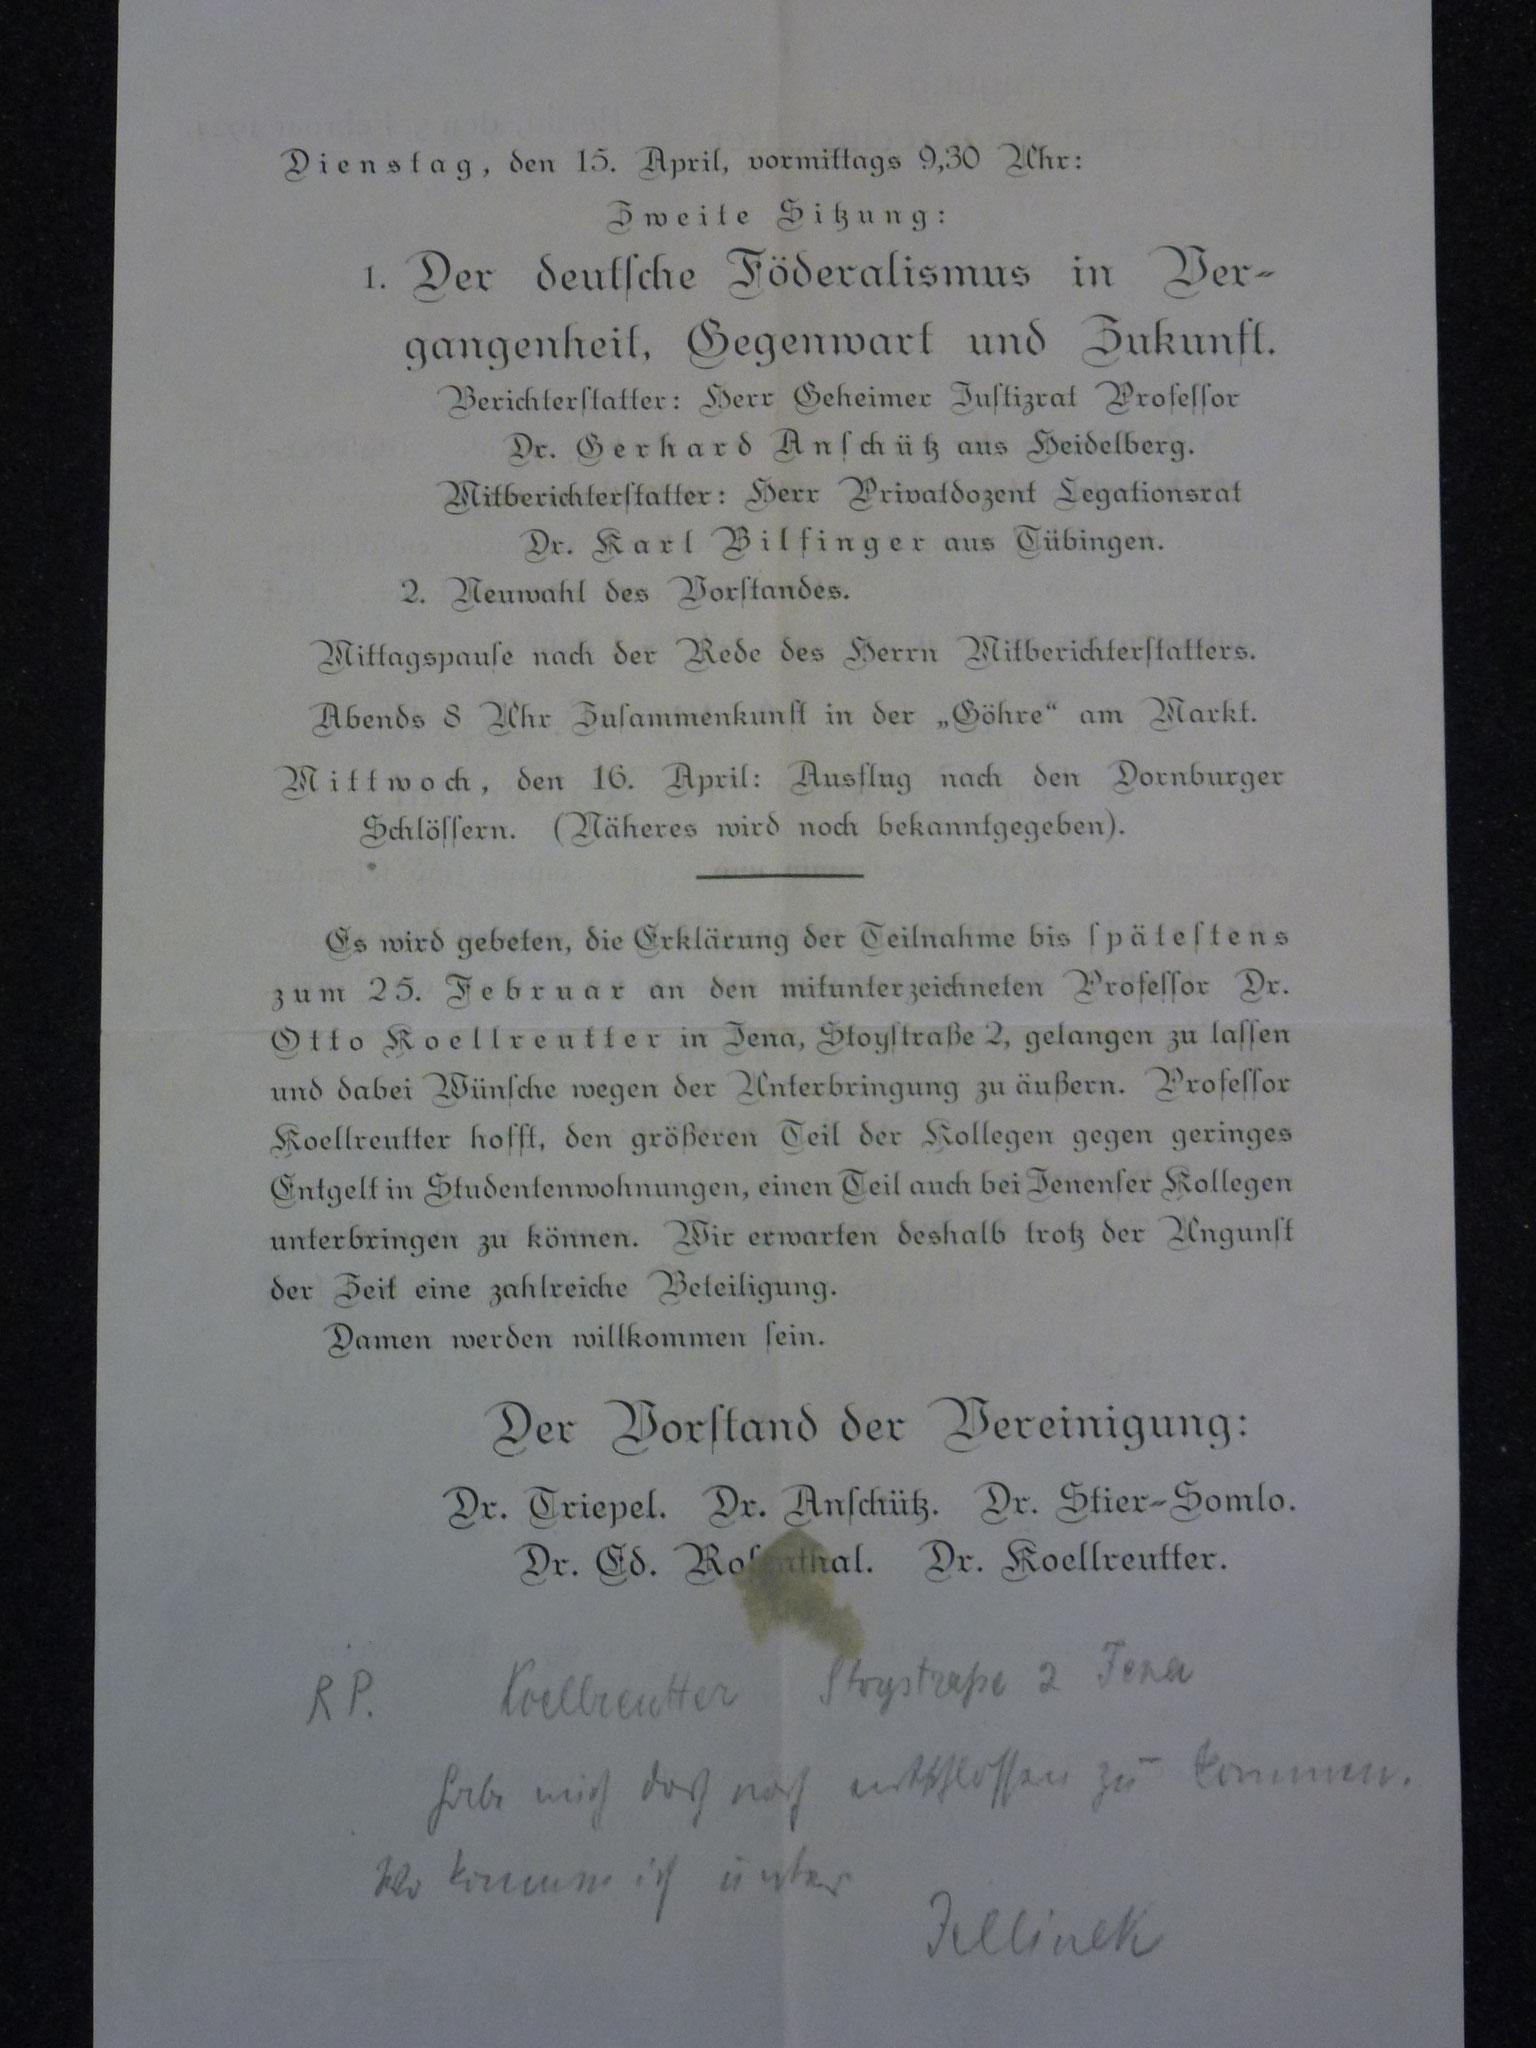 Einladung zur Tagung in Jena 1924 / 2